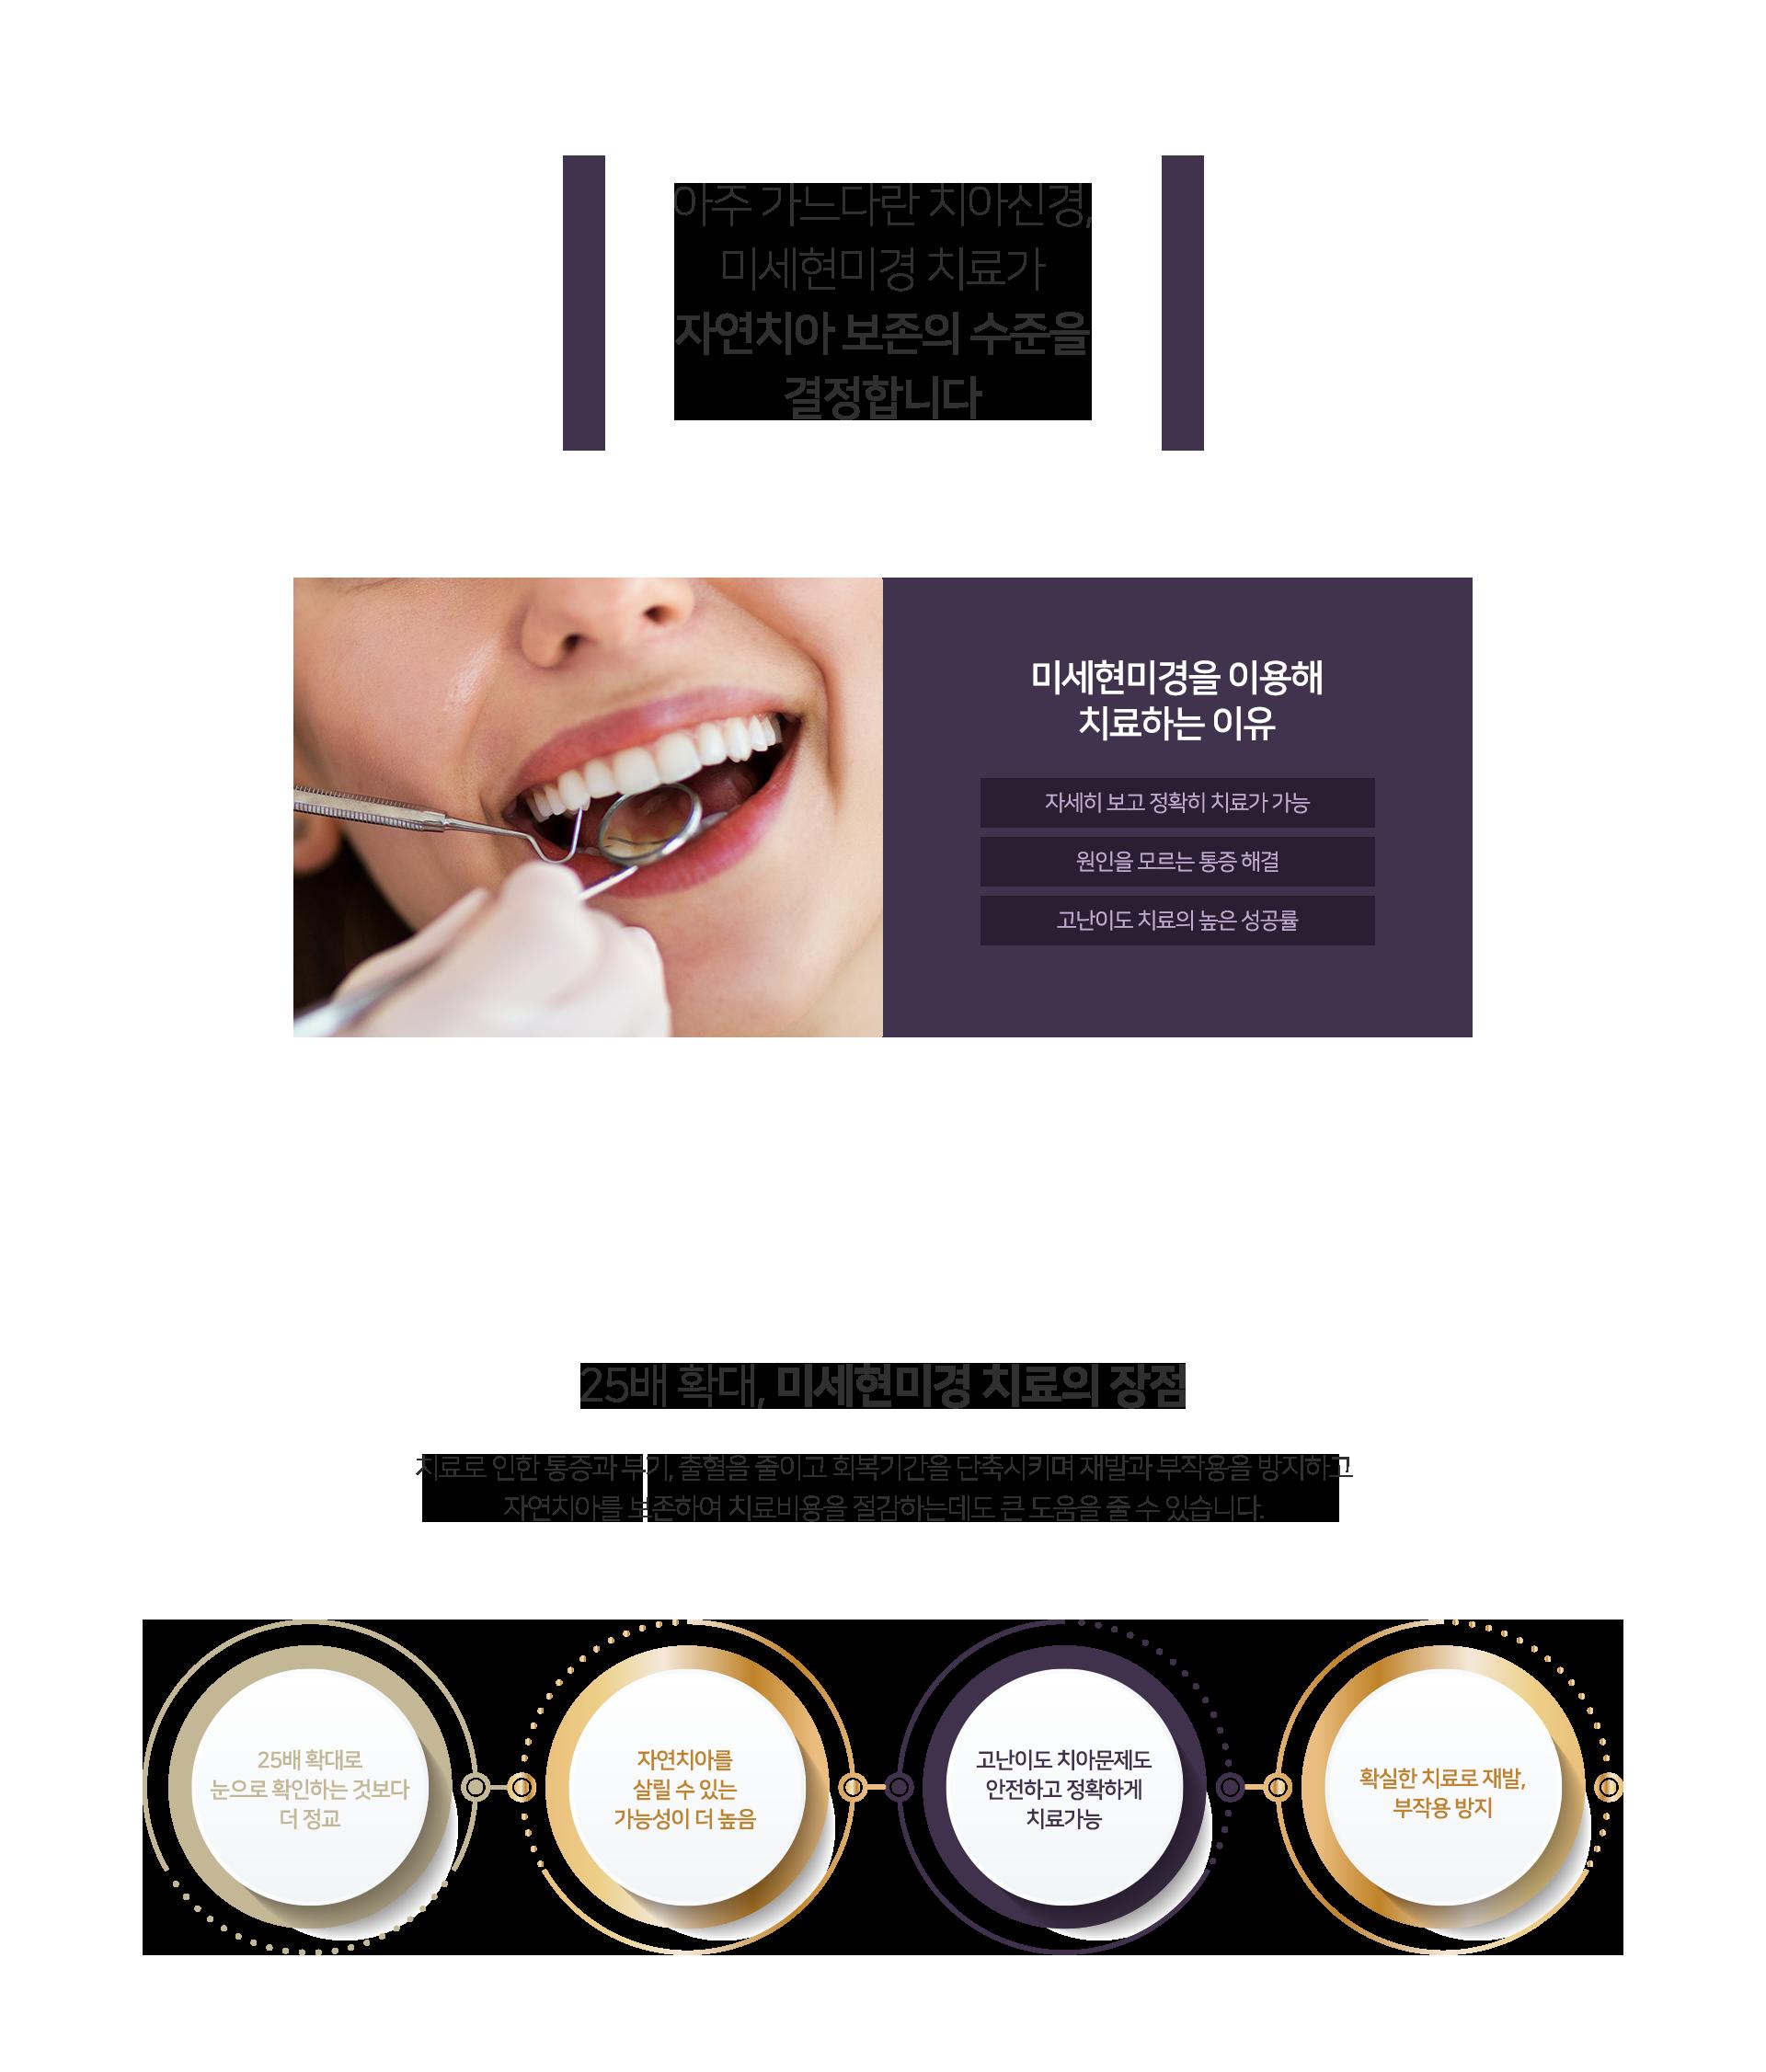 아주 가느다란 치아신경, 미세현미경 치료가 자연치아 보존의 수준을 결정합니다. 25배 확대, 미세현미경 치료의 장점